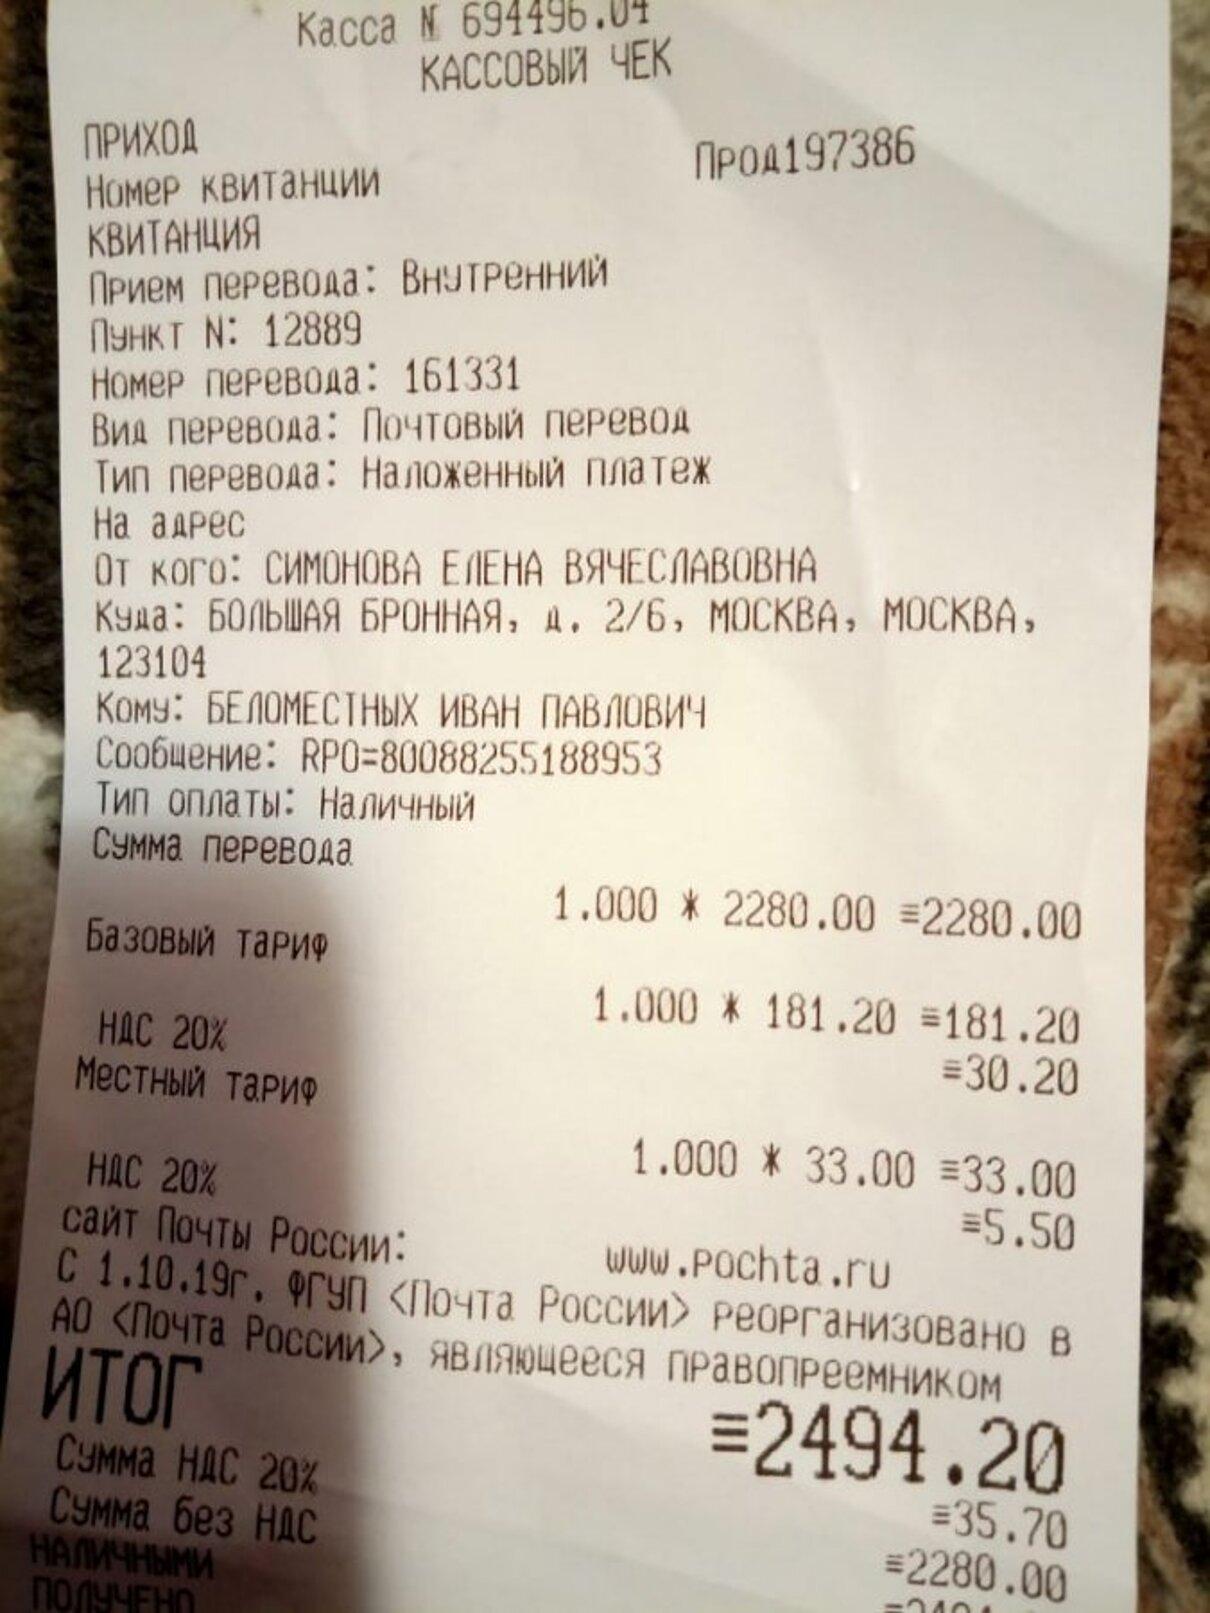 Жалоба-отзыв: Магазин стильной одежды https://drilla-mood.ru/lander/a1 - Жалоба на поставщика одежды.  Фото №2